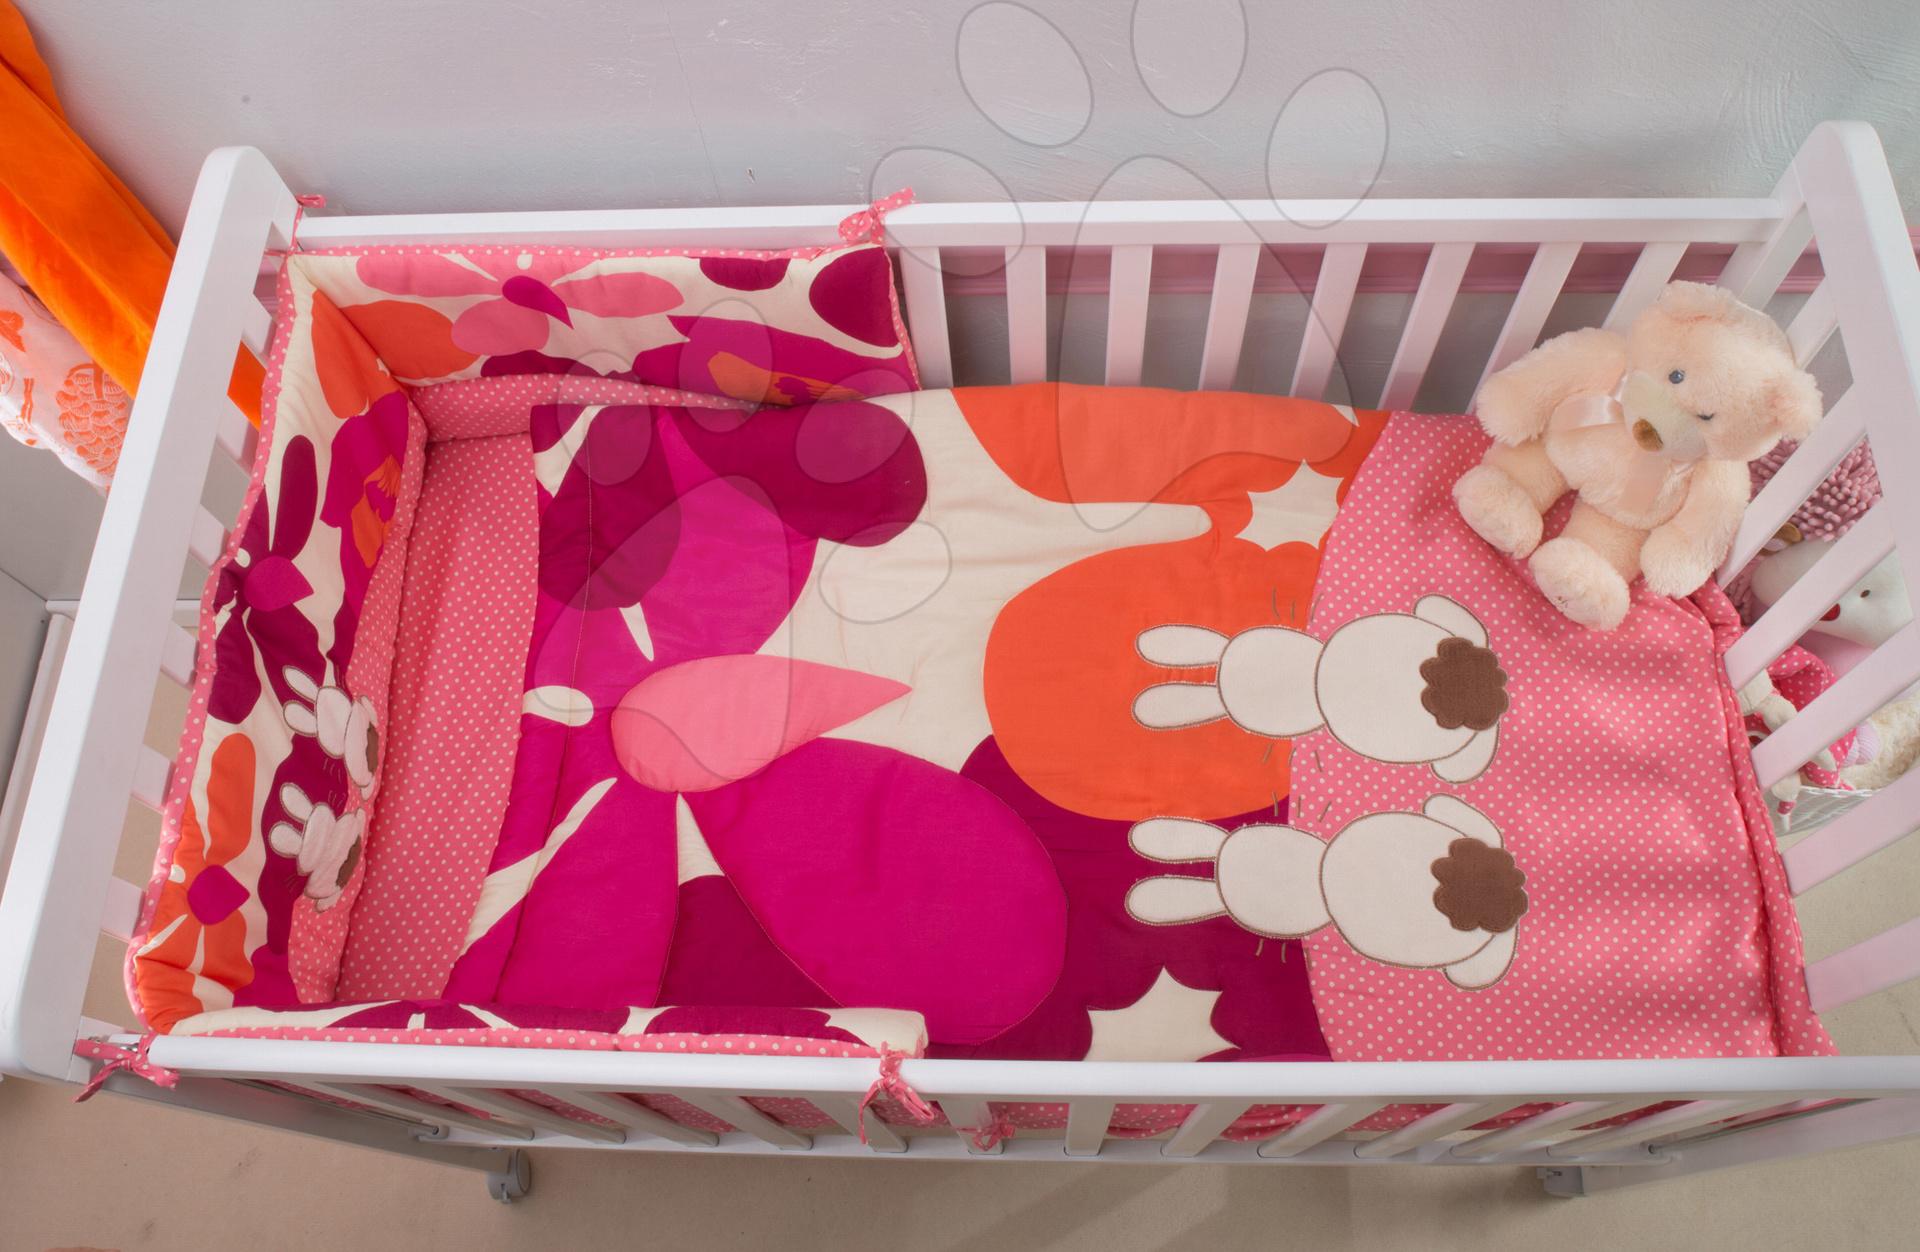 Komplet za posteljico Joy toTs-smarTrike zajček odeja, rjuha in blazine 100% bombažni saten rožnat